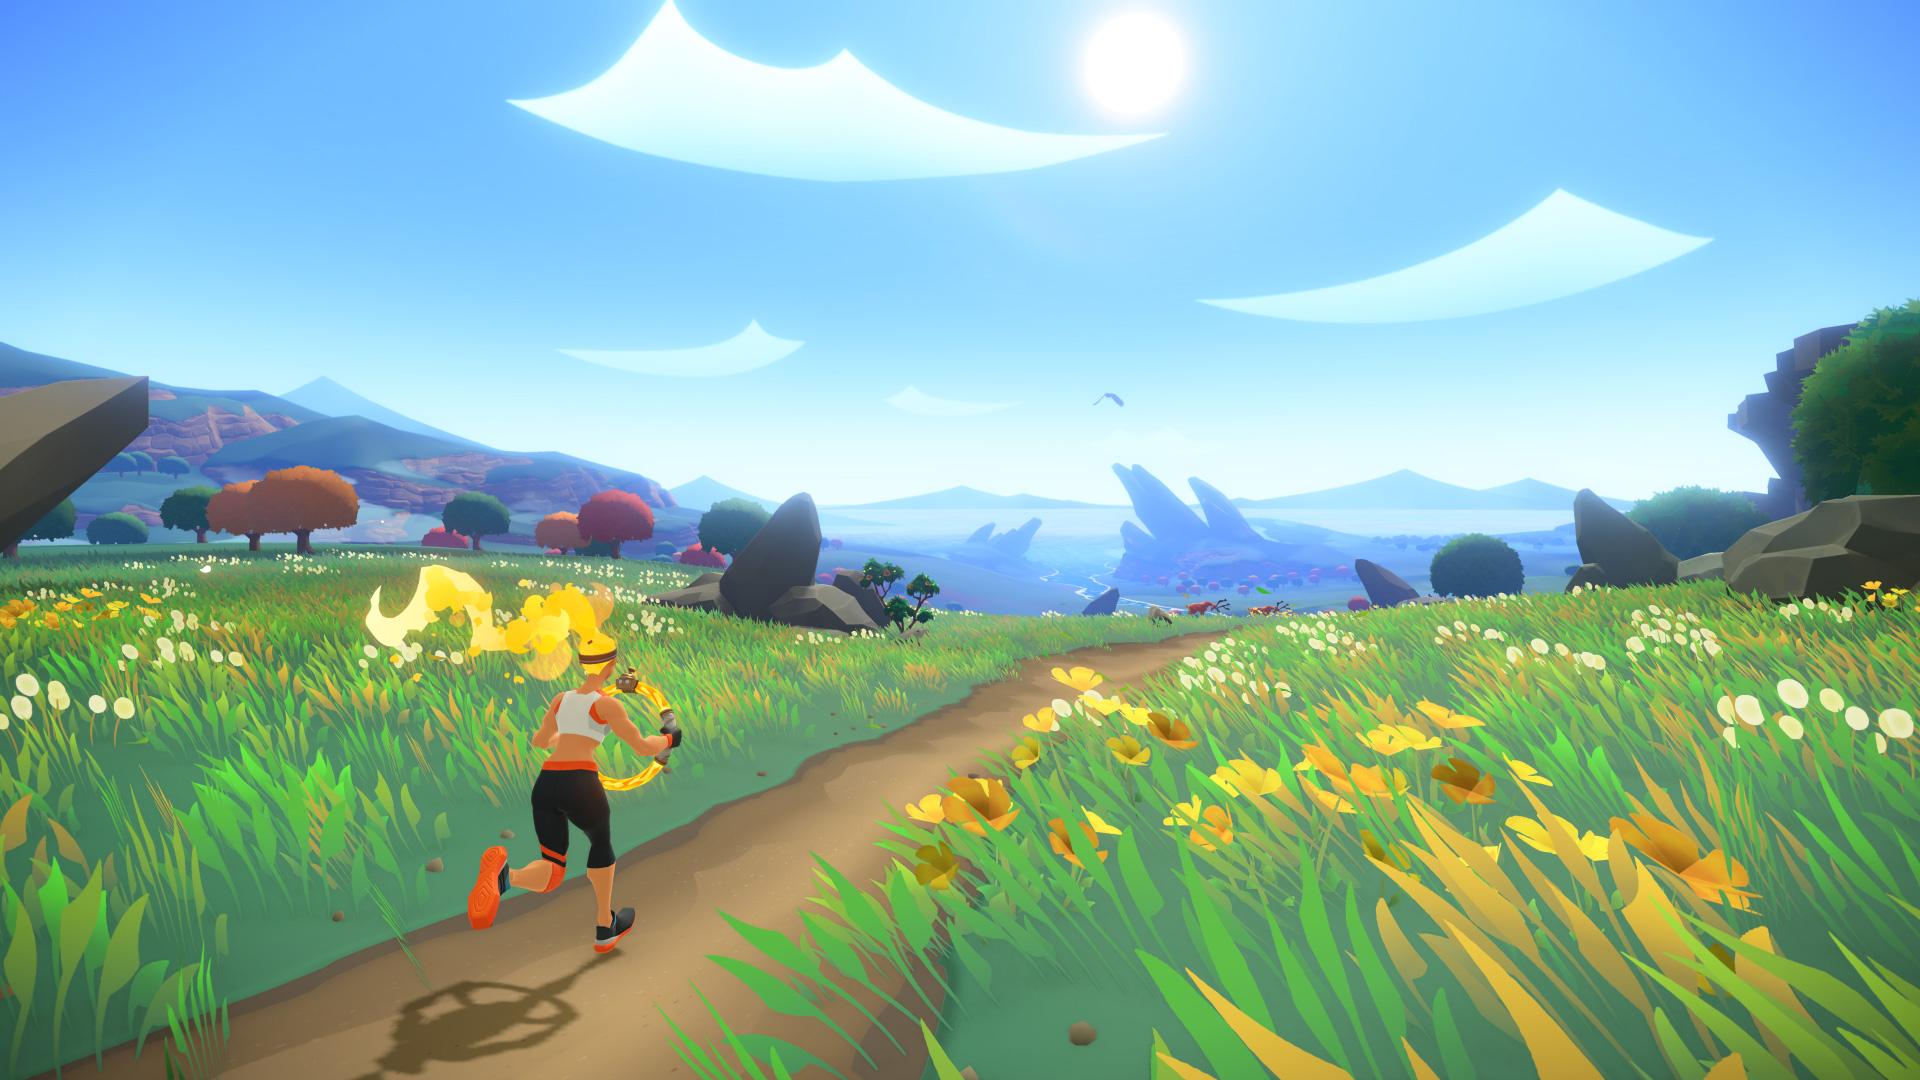 Um den muskulösen Avatar in Bewegung zu kriegen, muss der Spieler auf der Stelle joggen.